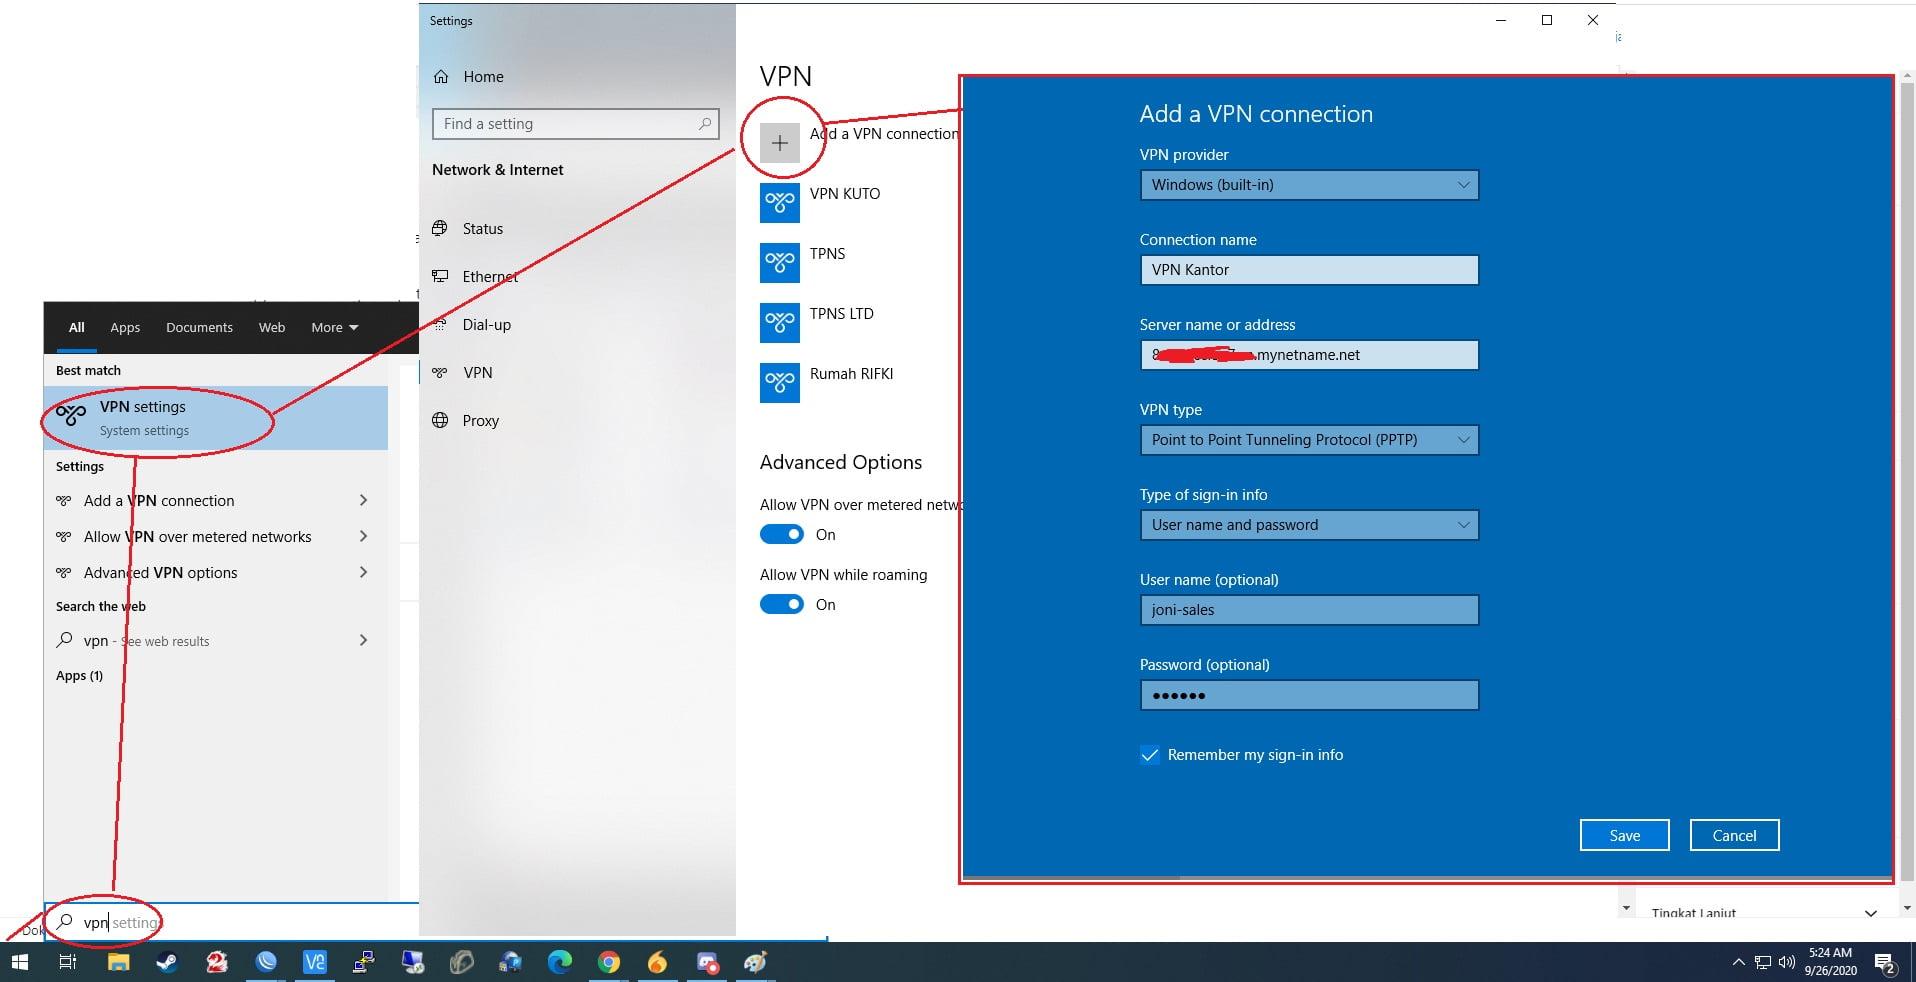 cara menambahkan koneksi VPN client di windows 10